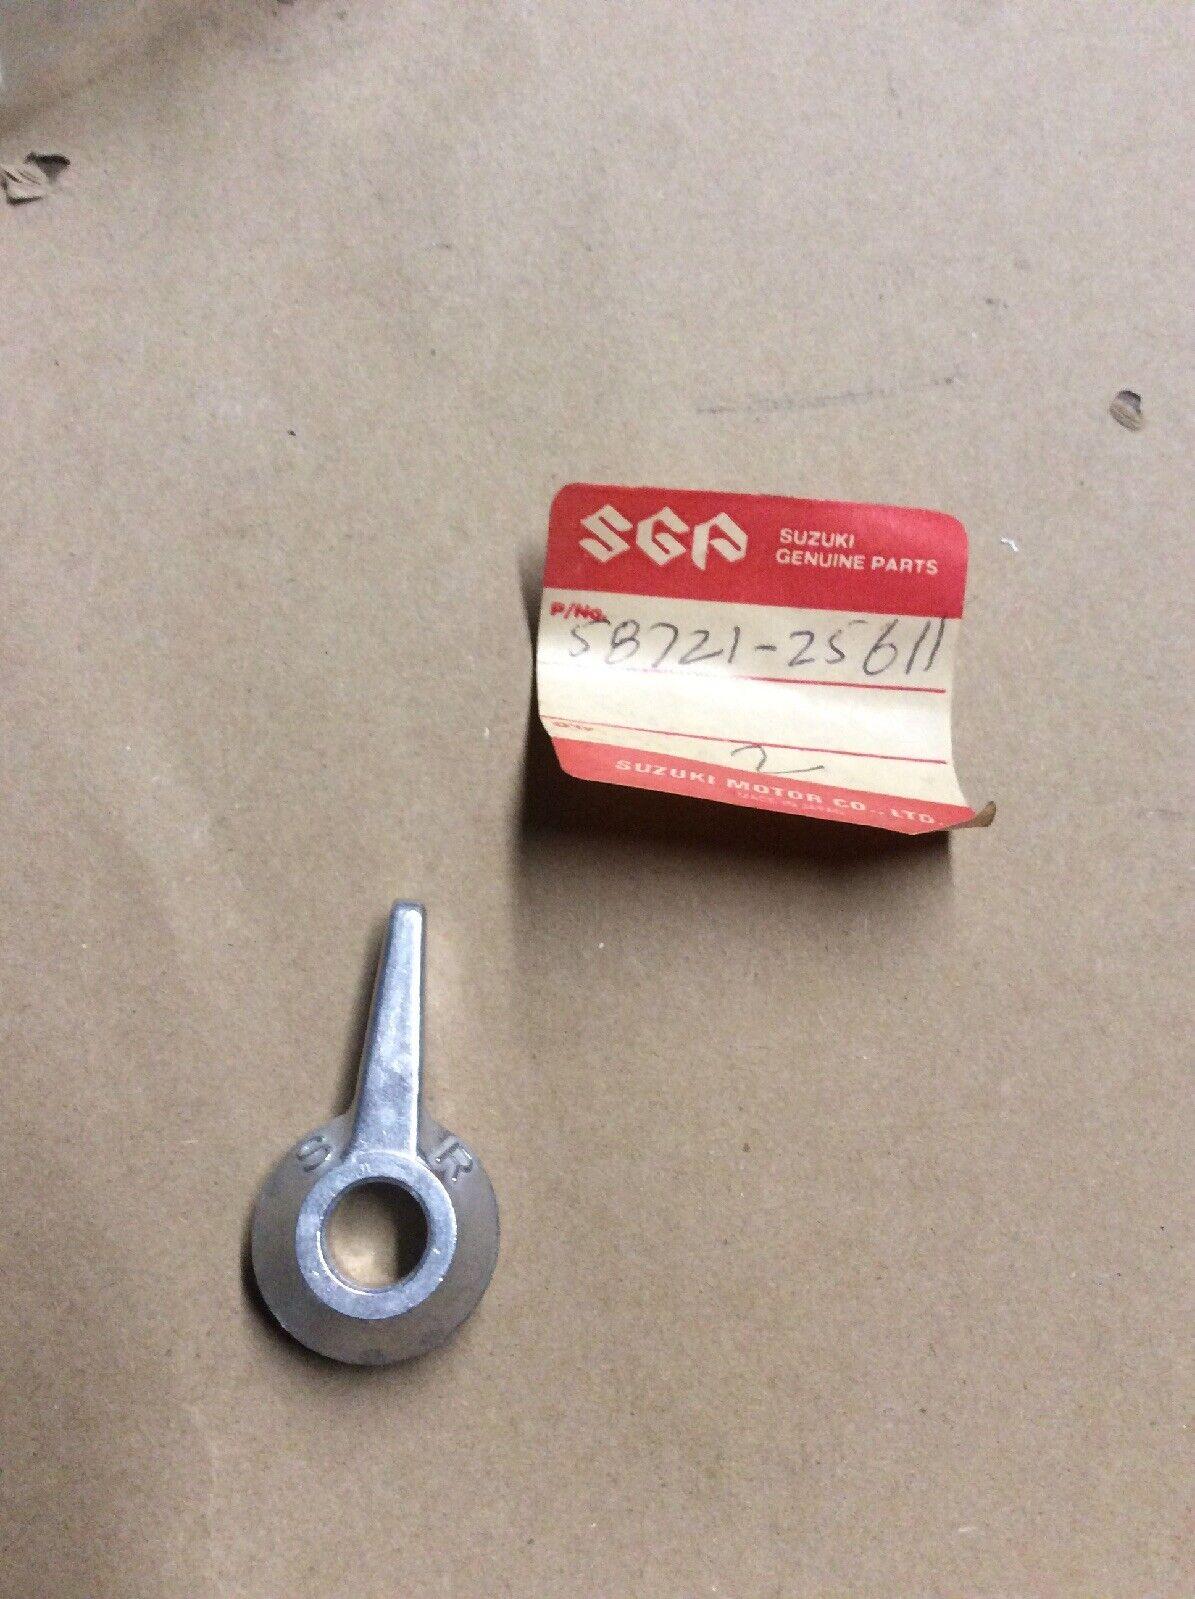 NEW OEM SUZUKI STARTER CHOKE LEVER AC100 AS50 RV90 TC100 TC120 TC90 TS75 TS90